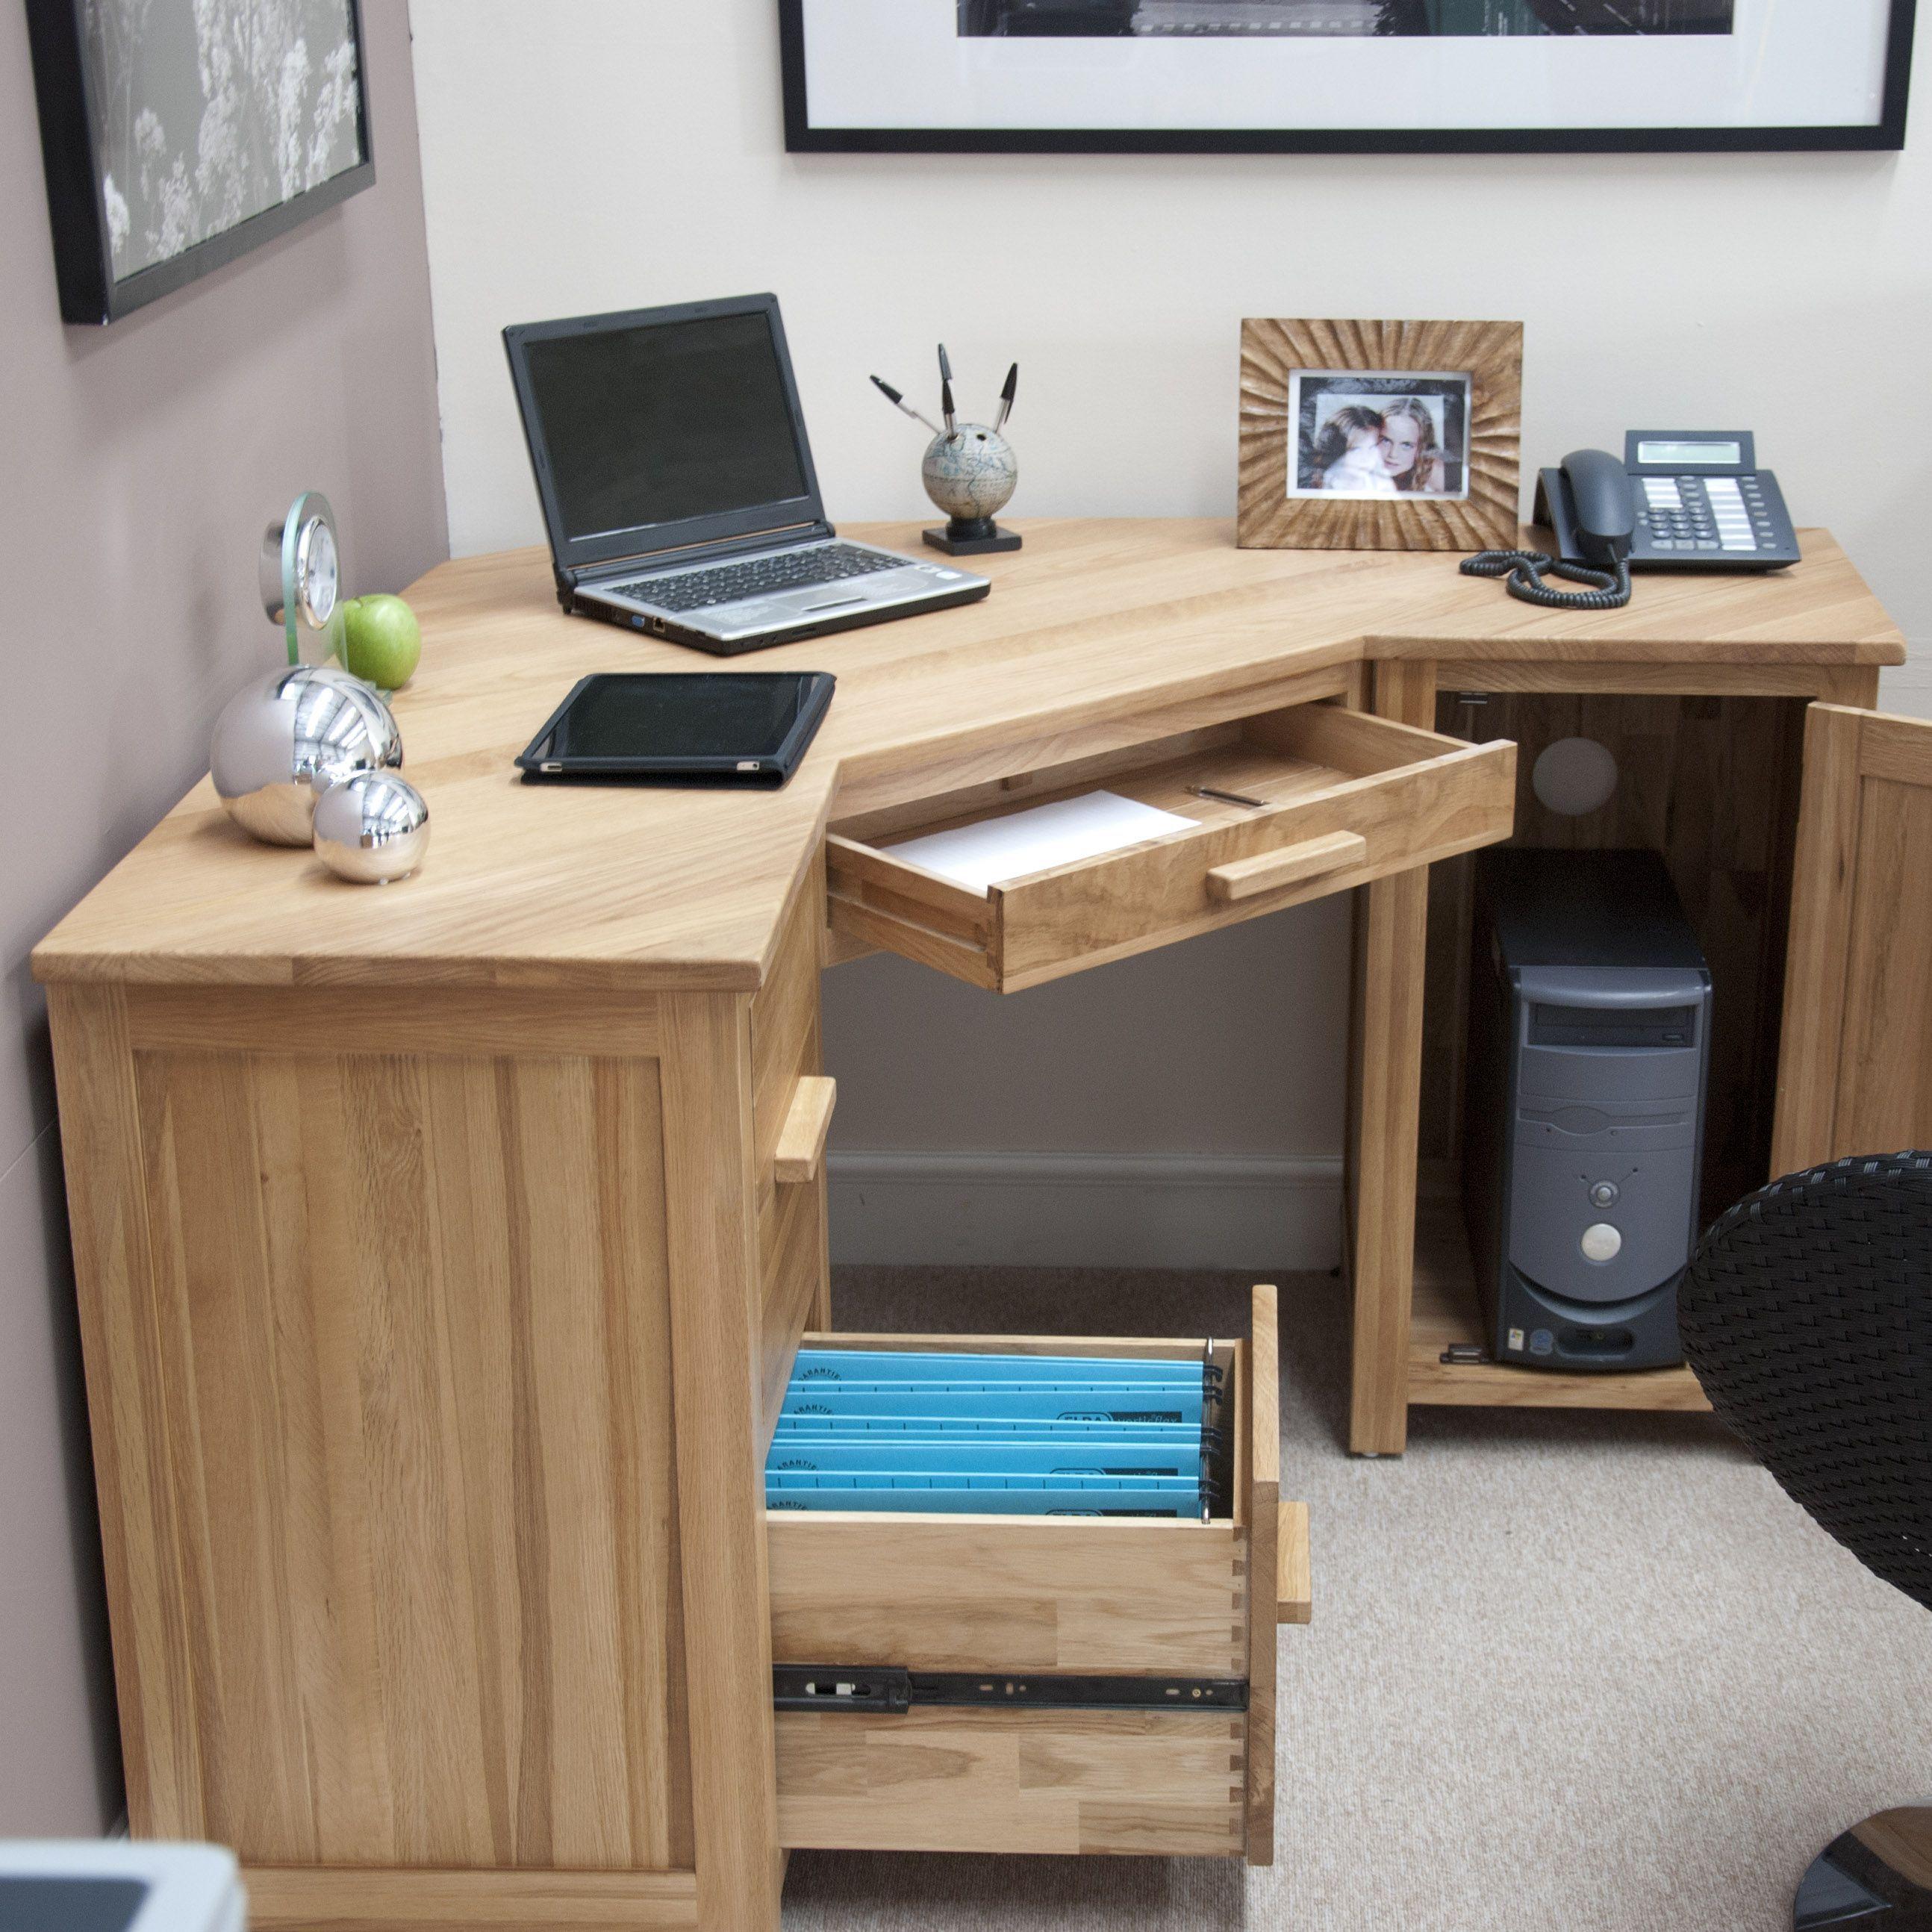 20 Diy Computer Desk Ideas For Making Your Home Office More Gorgeous Diy Corner Desk Diy Computer Desk Diy Desk Plans